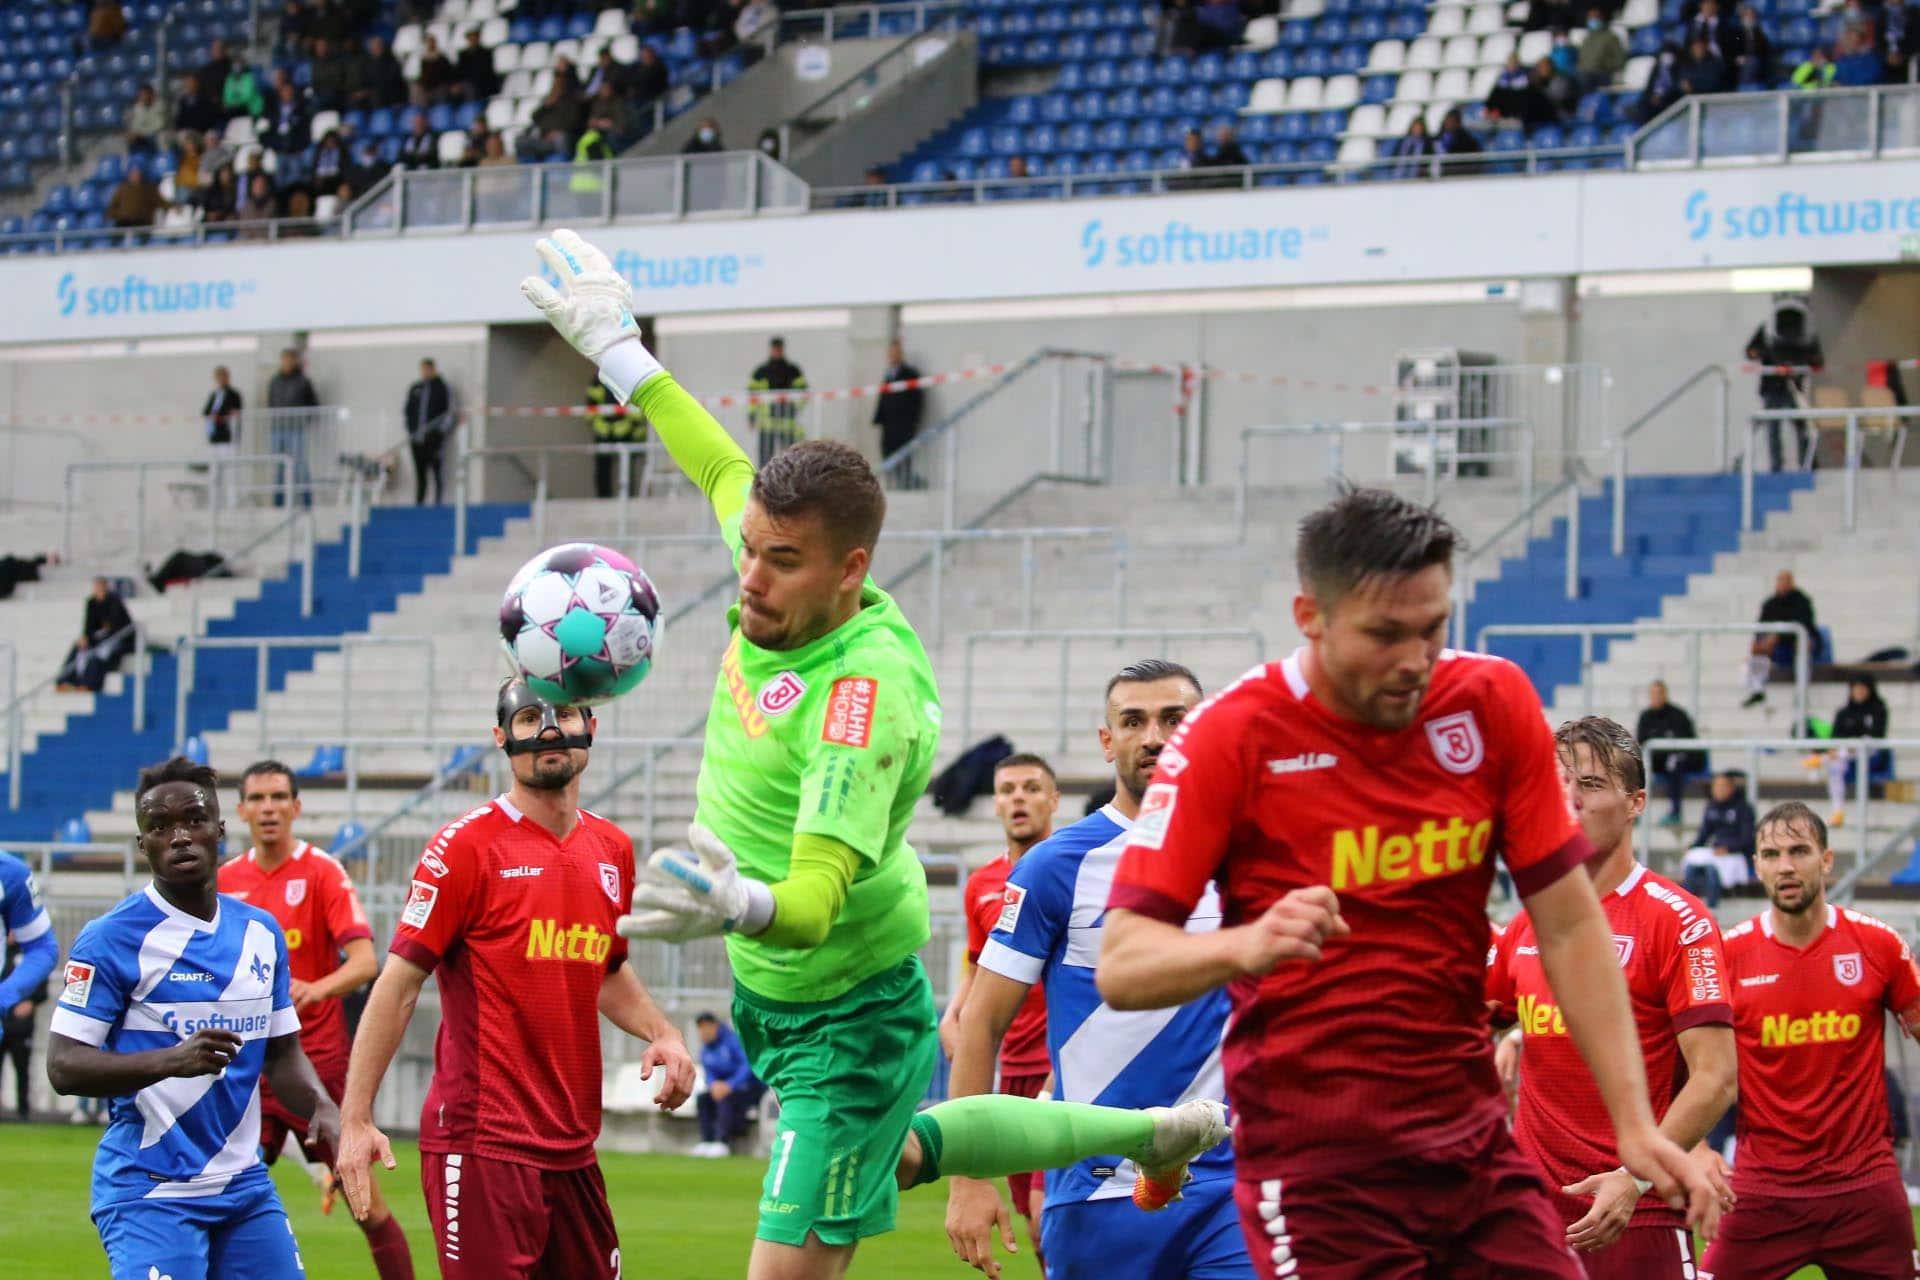 Jahn-Elf hofft auf den ersten Saisonsieg Das Spiel gegen den punktlosen Karlsruher SC wird kein Selbstläufer, warnt Selimbegovic